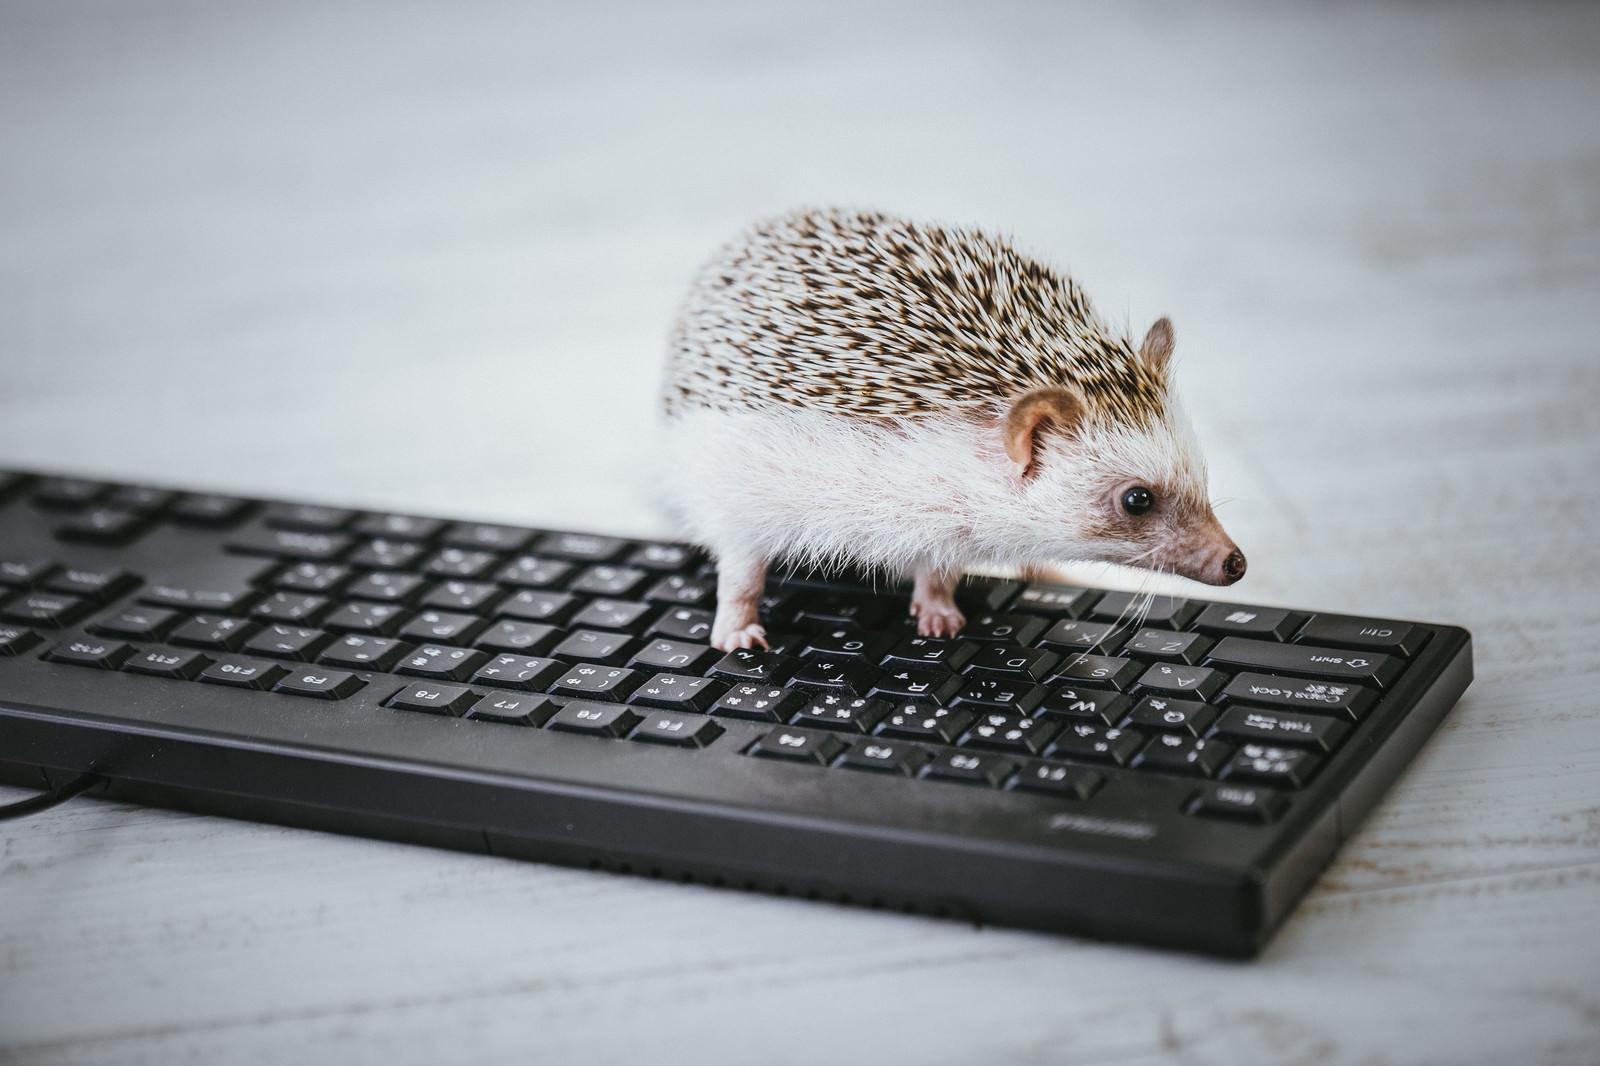 「データ入力中のハリネズミ部長」